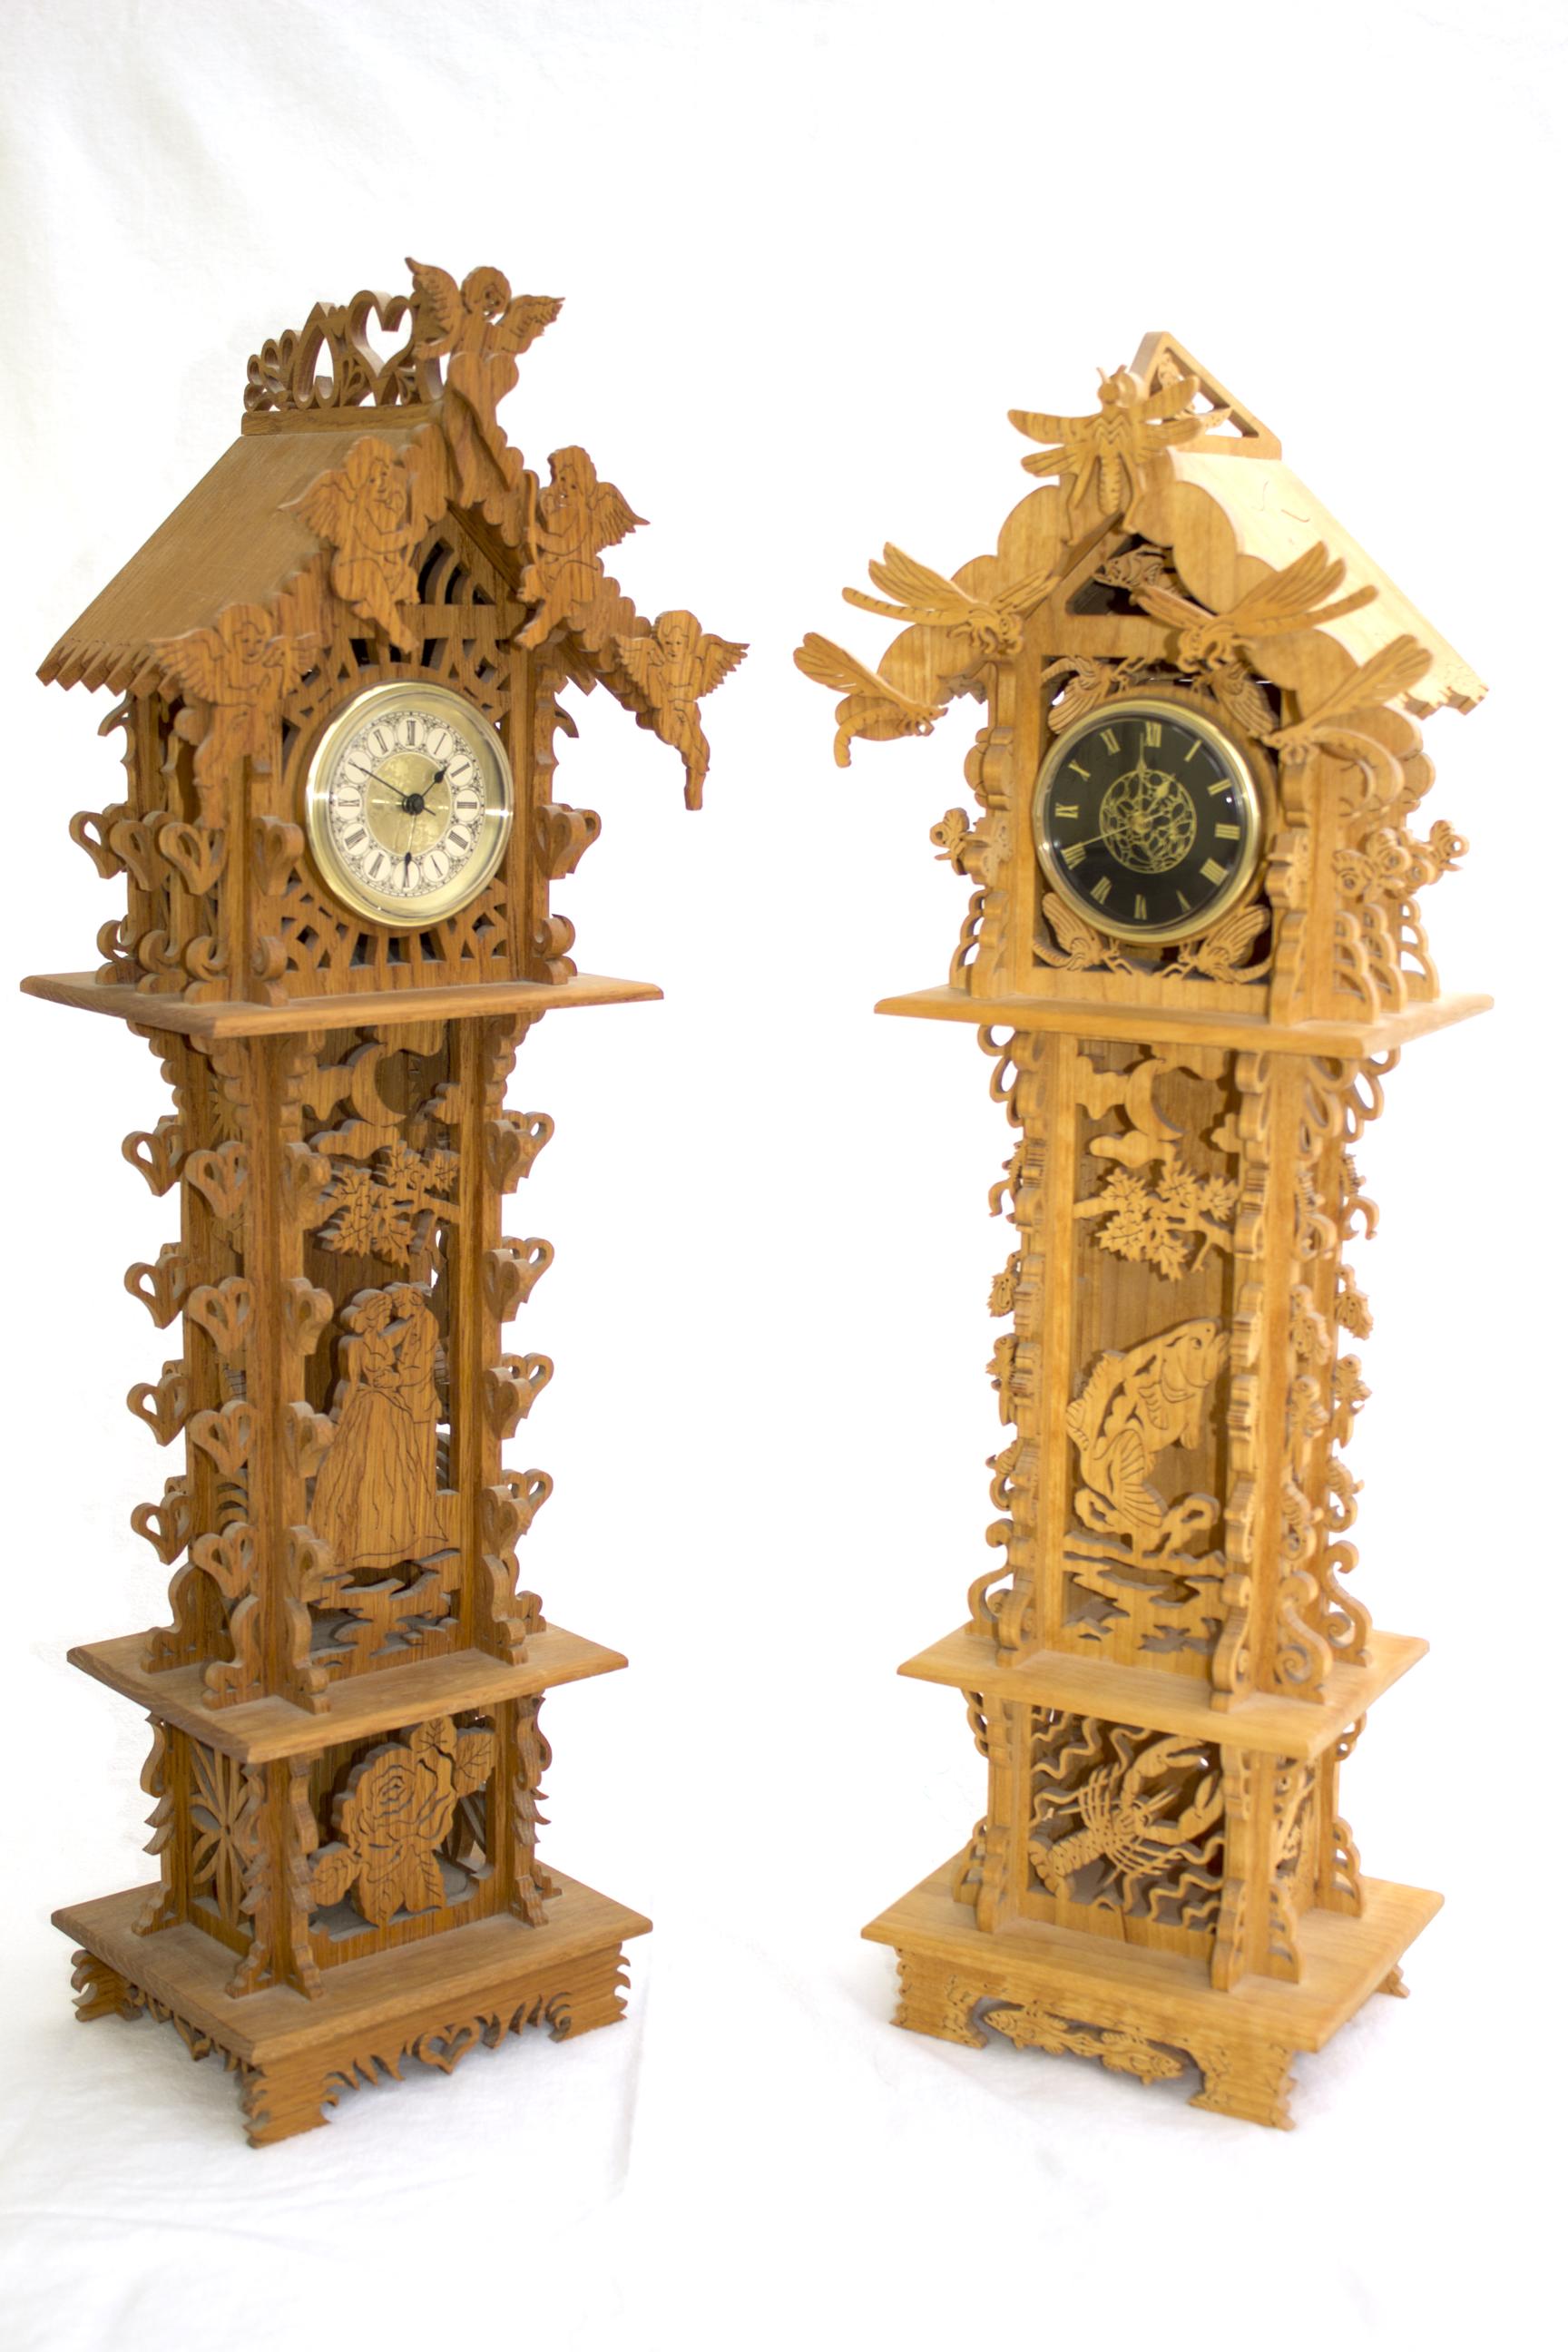 MEDIUM CLOCK PATTERNS